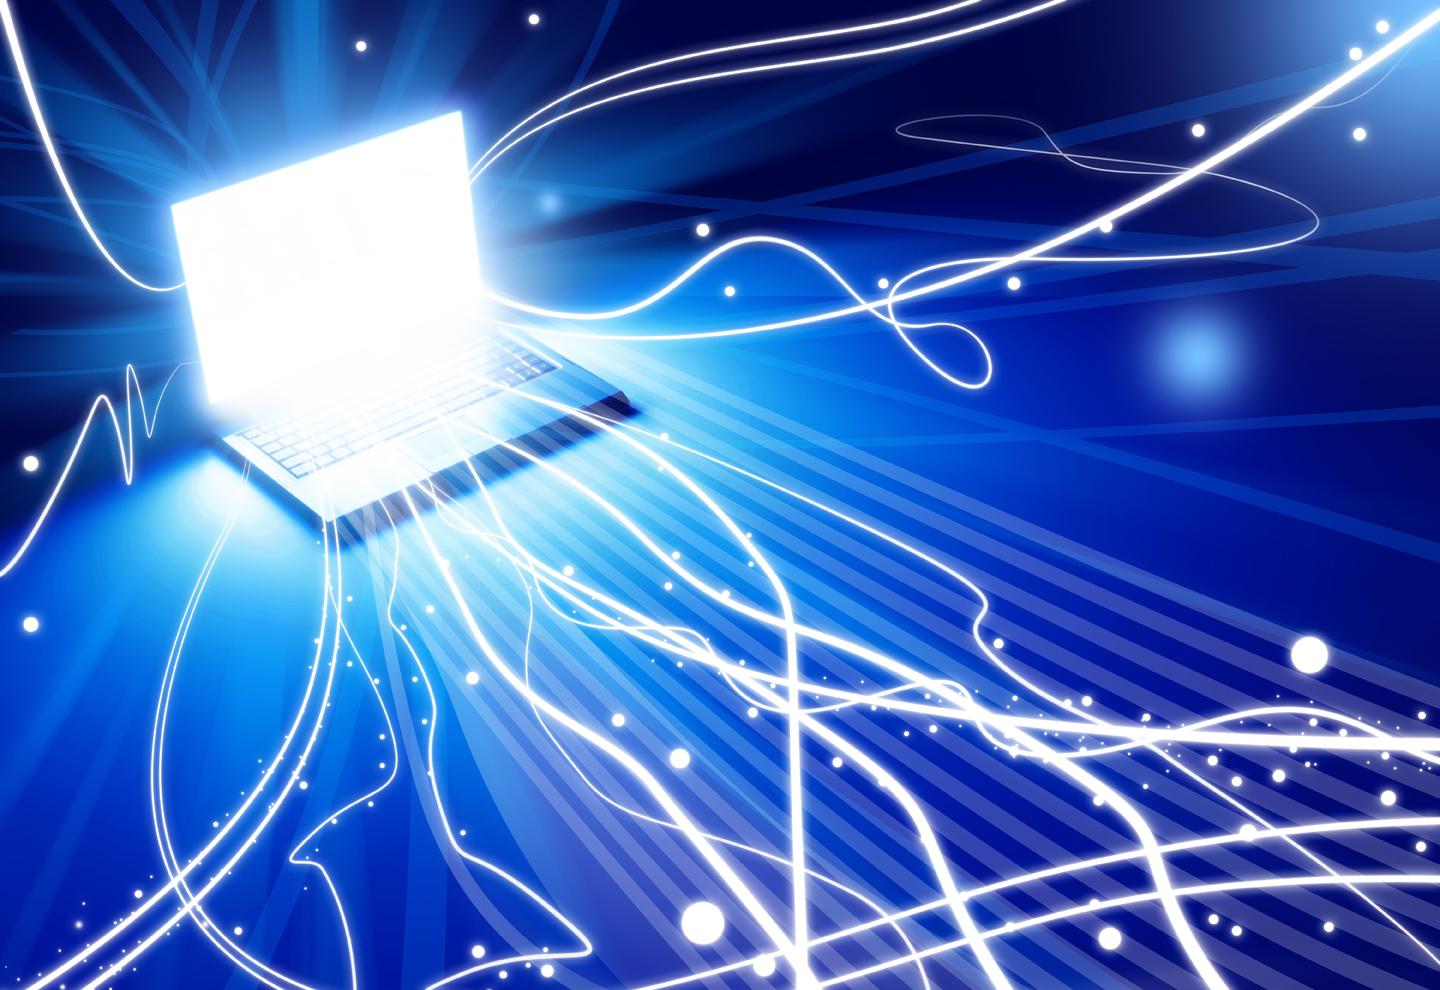 Wat Zijn Subnetten En Hoe Hebben Ze Invloed Op Het Internet? Een Aantal Simpele Voorbeelden Voor Een Beginner!